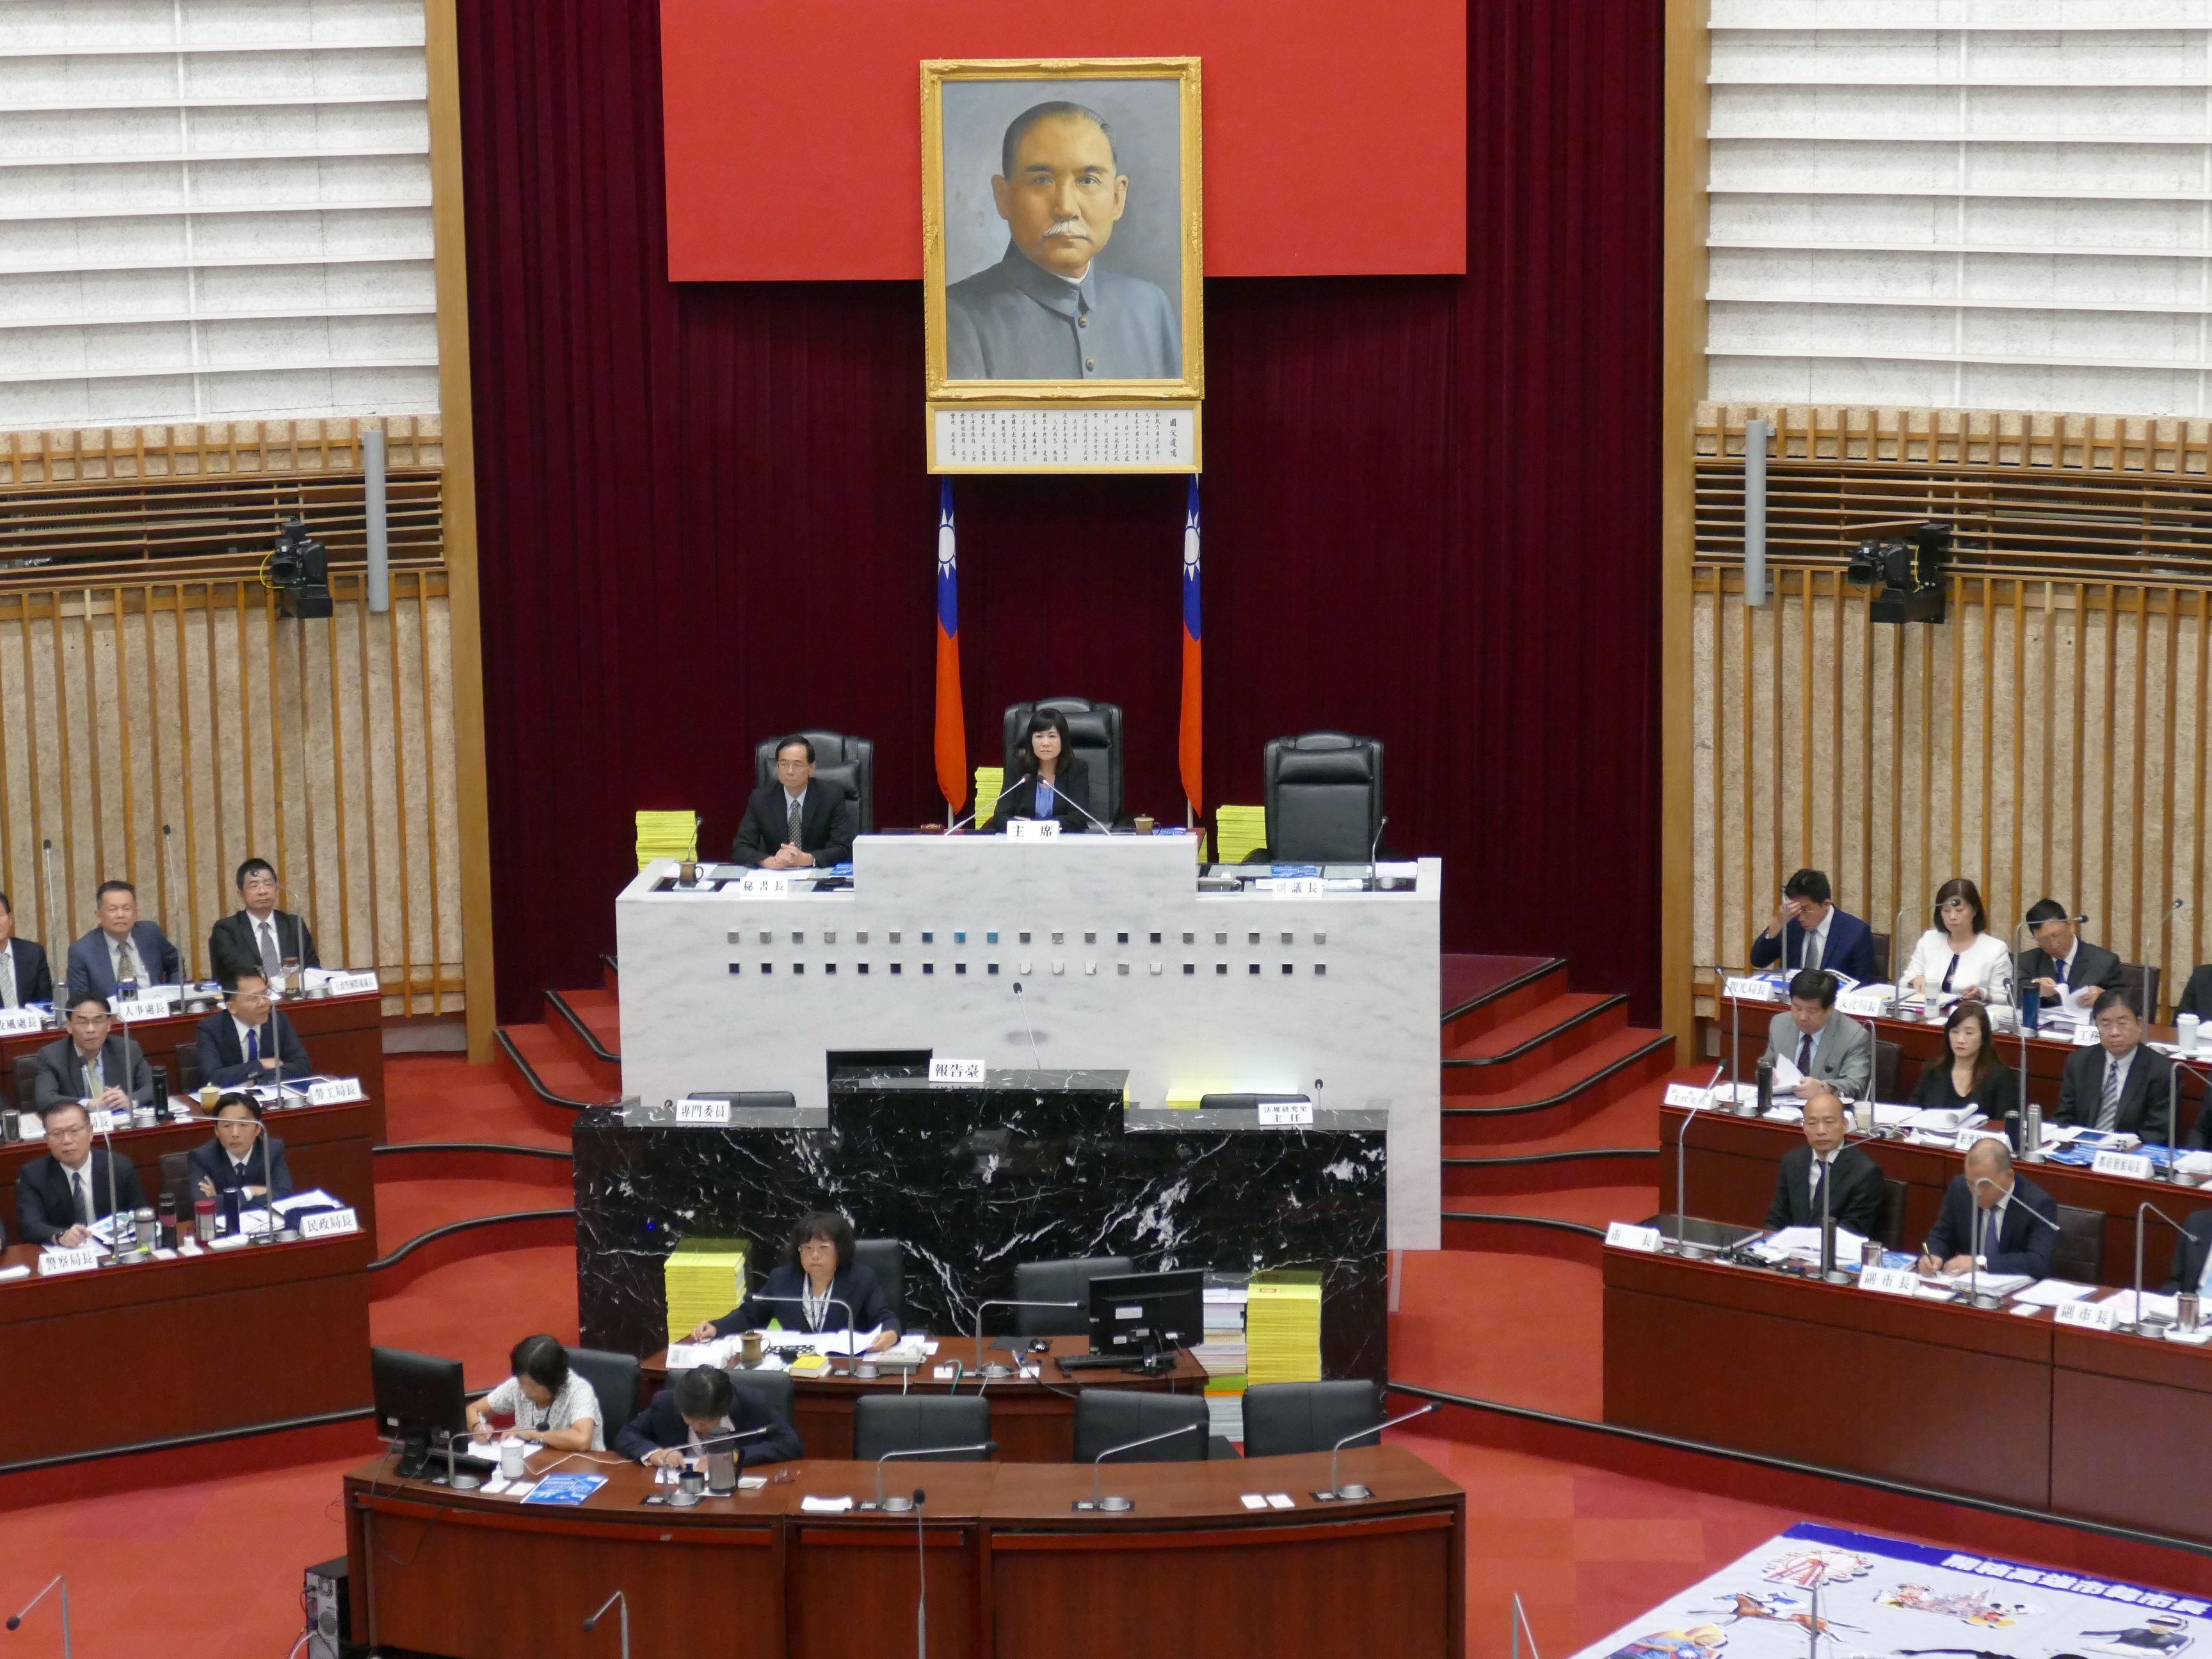 陸淑美副議長呼籲理性問政、回歸市政,尊重彼此質詢